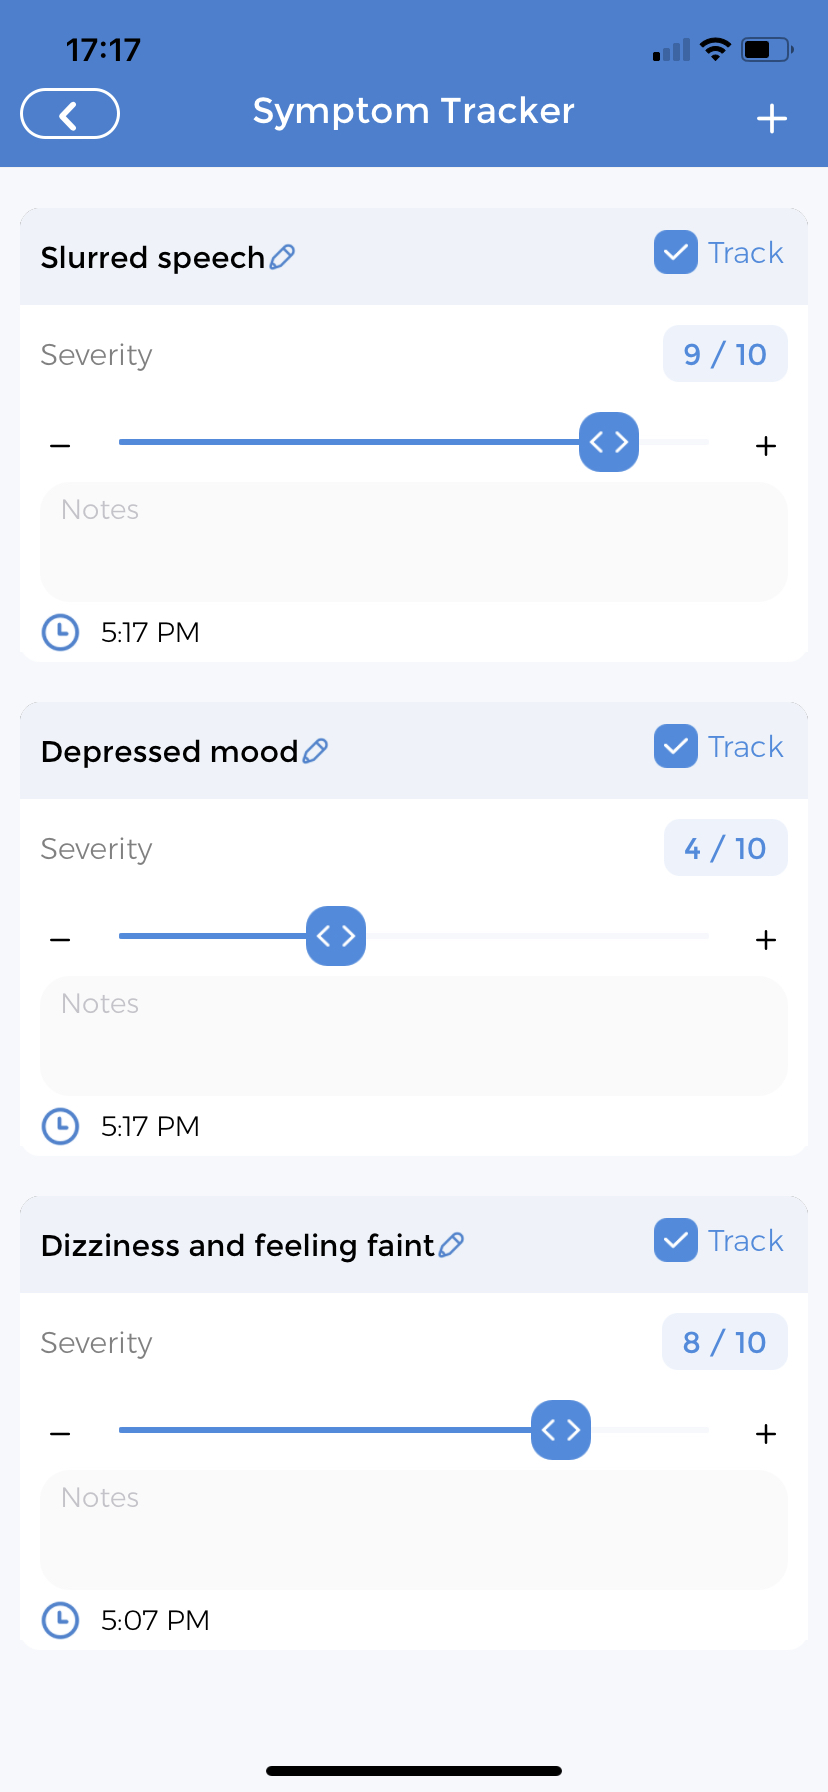 Symptom Tracker for Stroke Symptoms